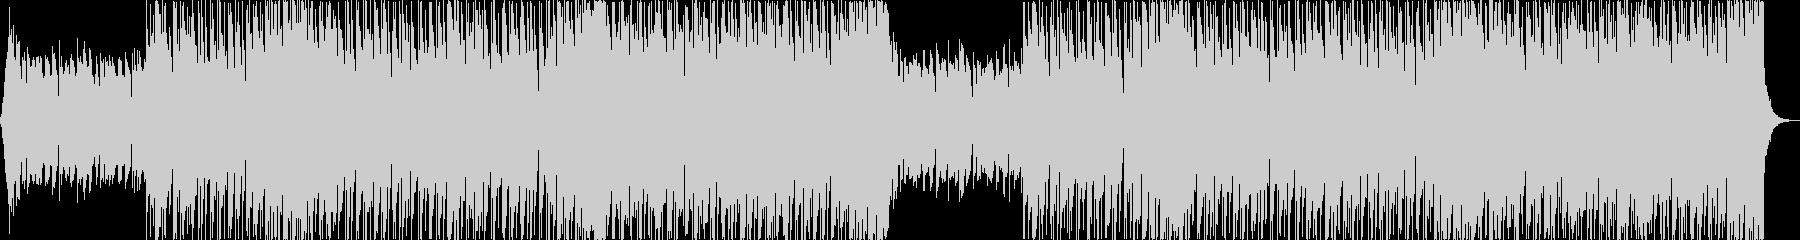 洋楽トラップヒップホップパリピEDMaの未再生の波形